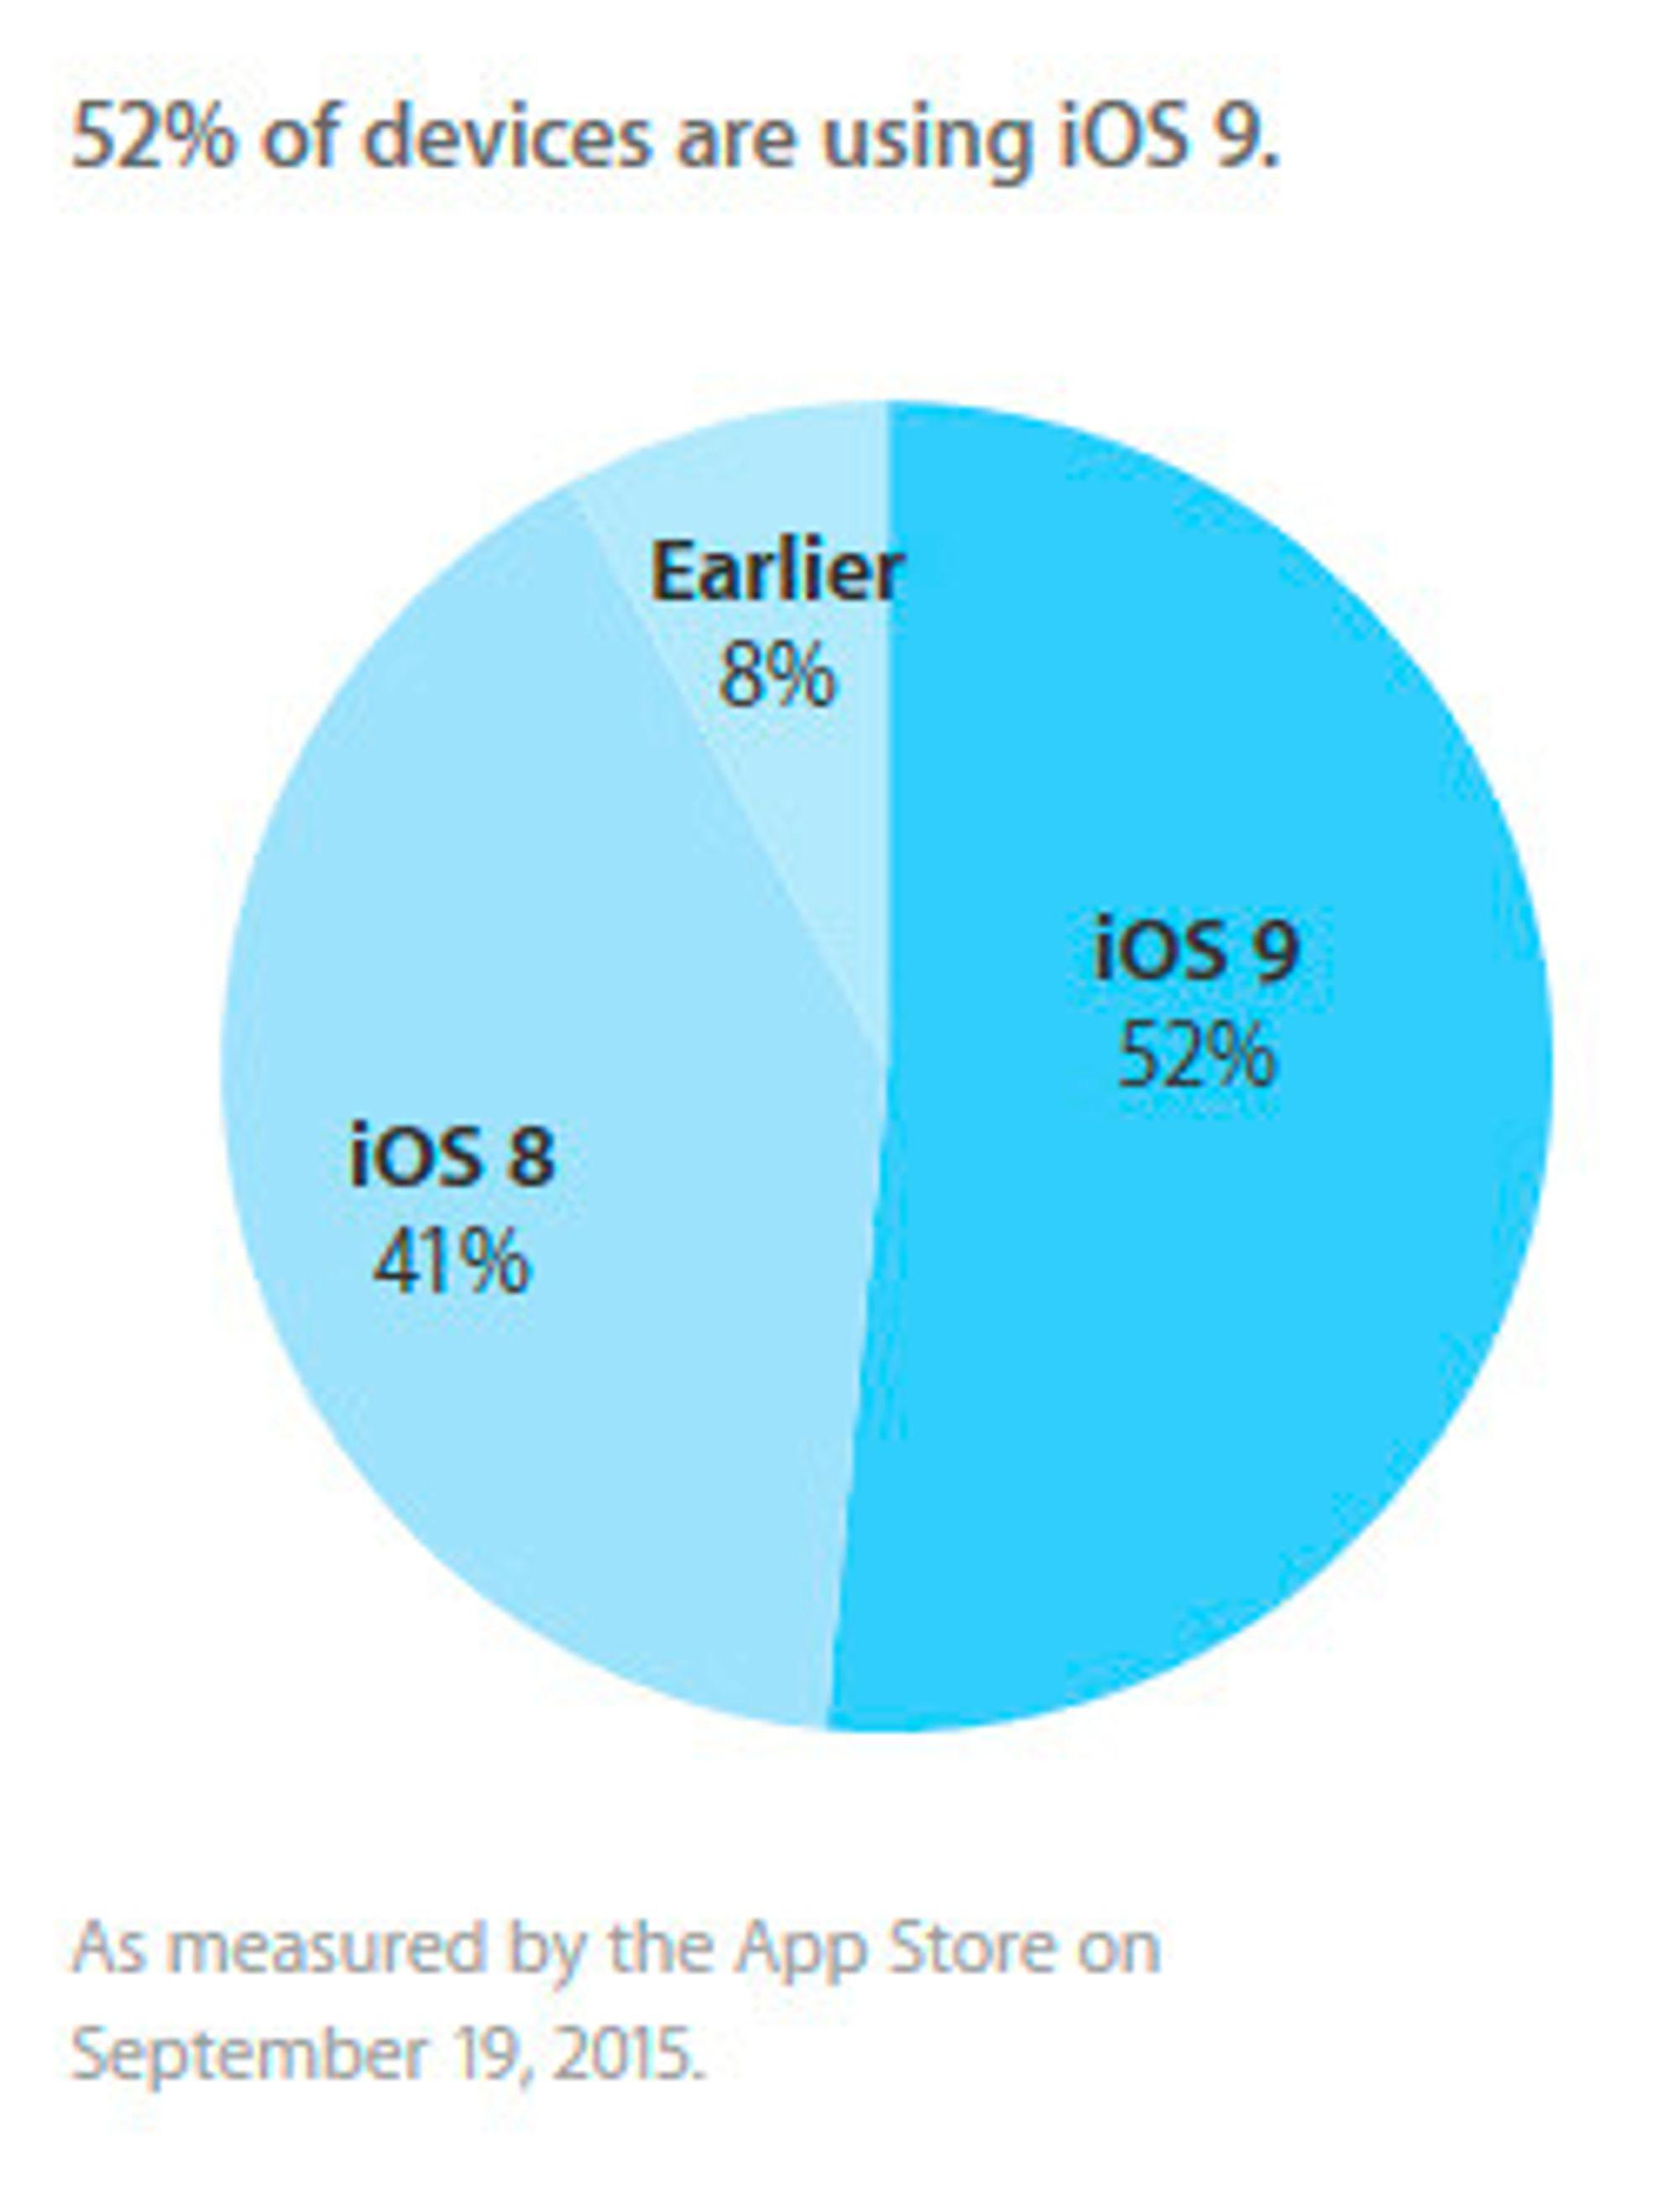 Lynraskt! Fra 16. til 19. september var iOS 9-prosenten oppe i 52.